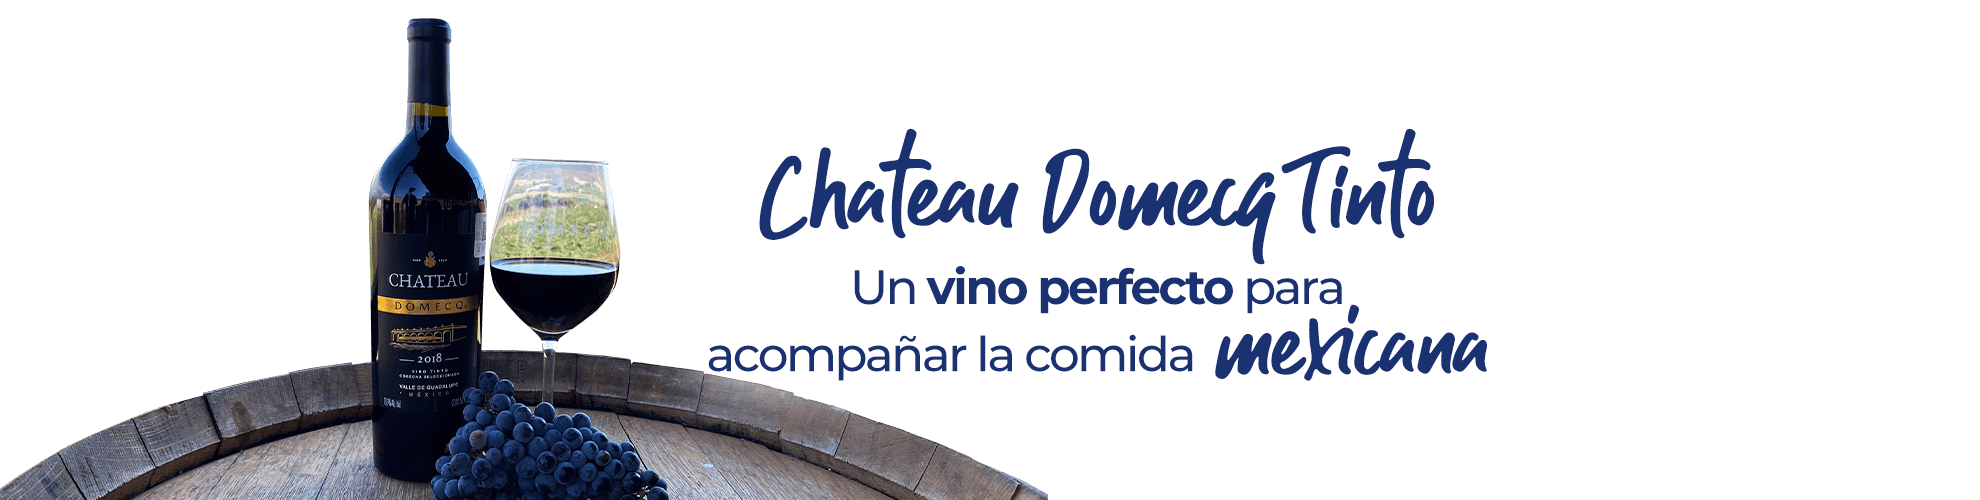 Chateau Domecq Tinto Un vino perfecto para acompañar la comida mexicana